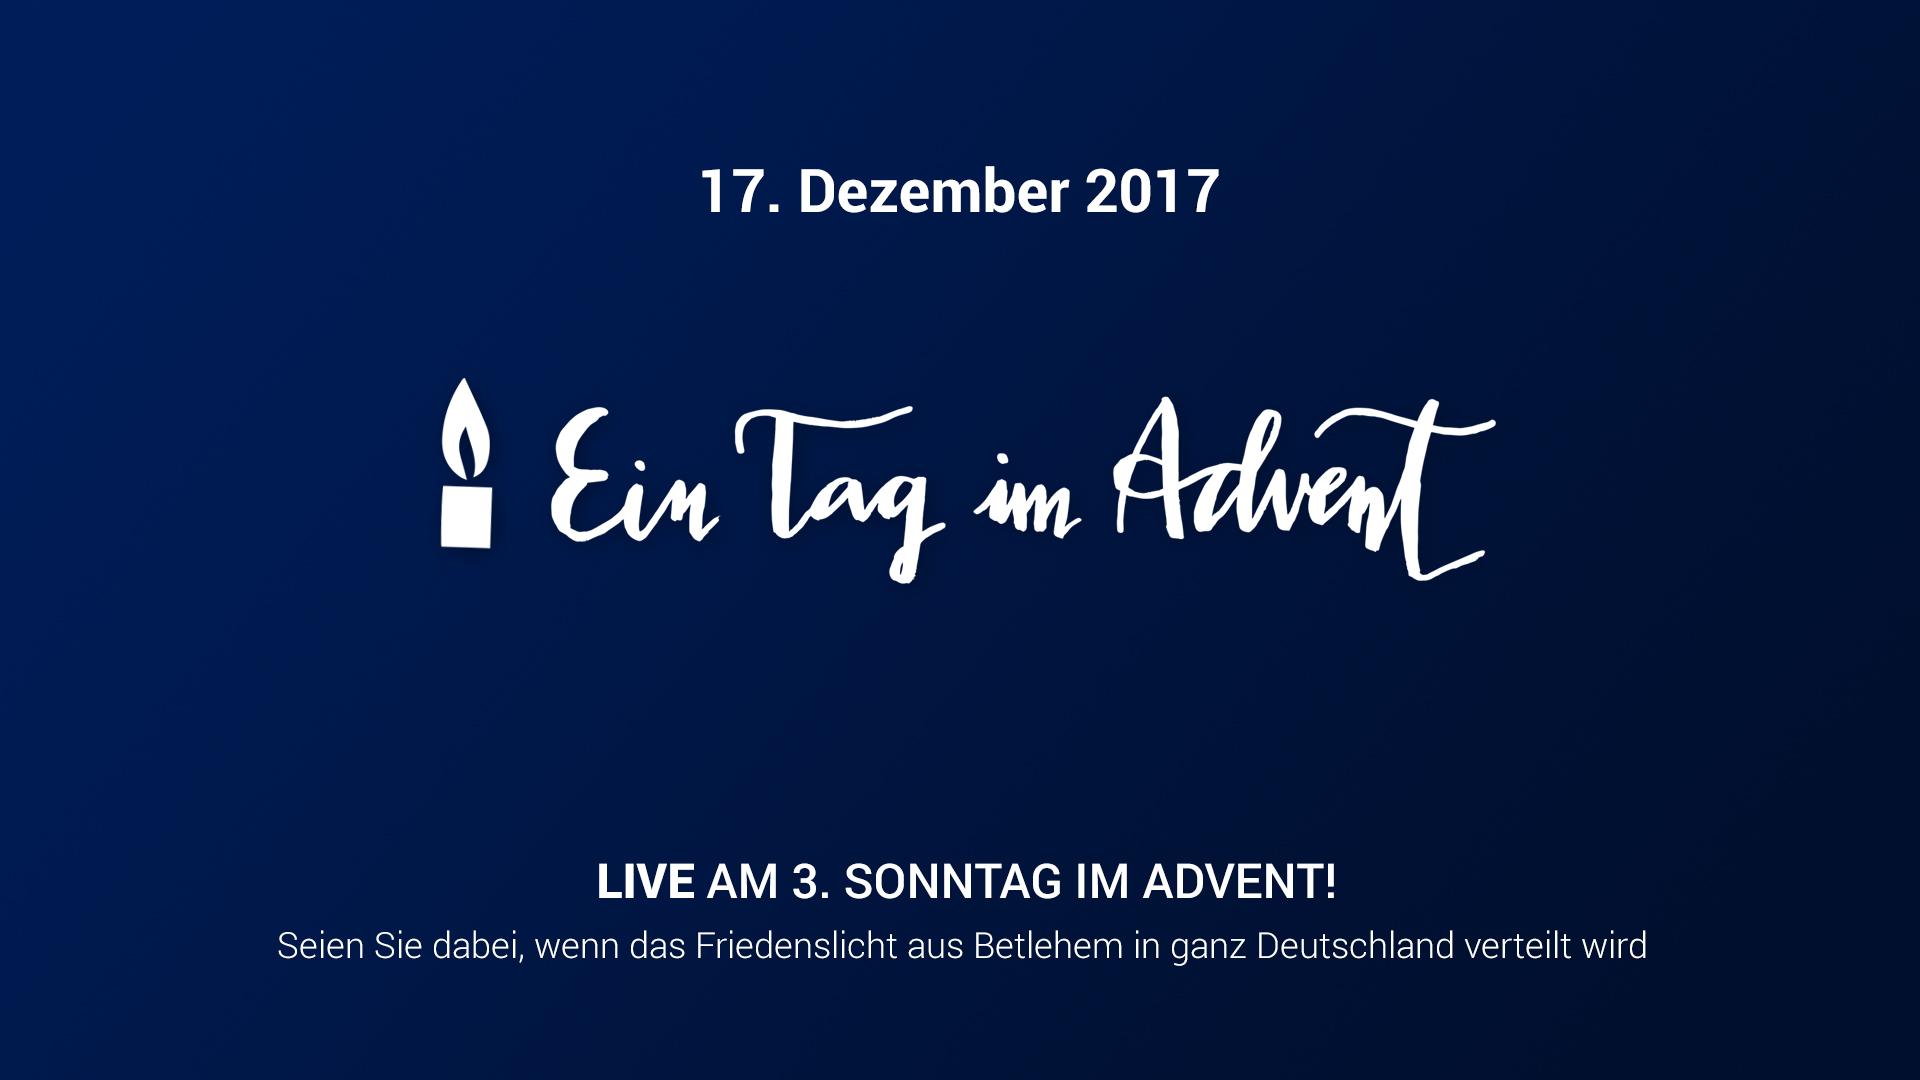 17. Dezember 2017: Ein Tag im Advent